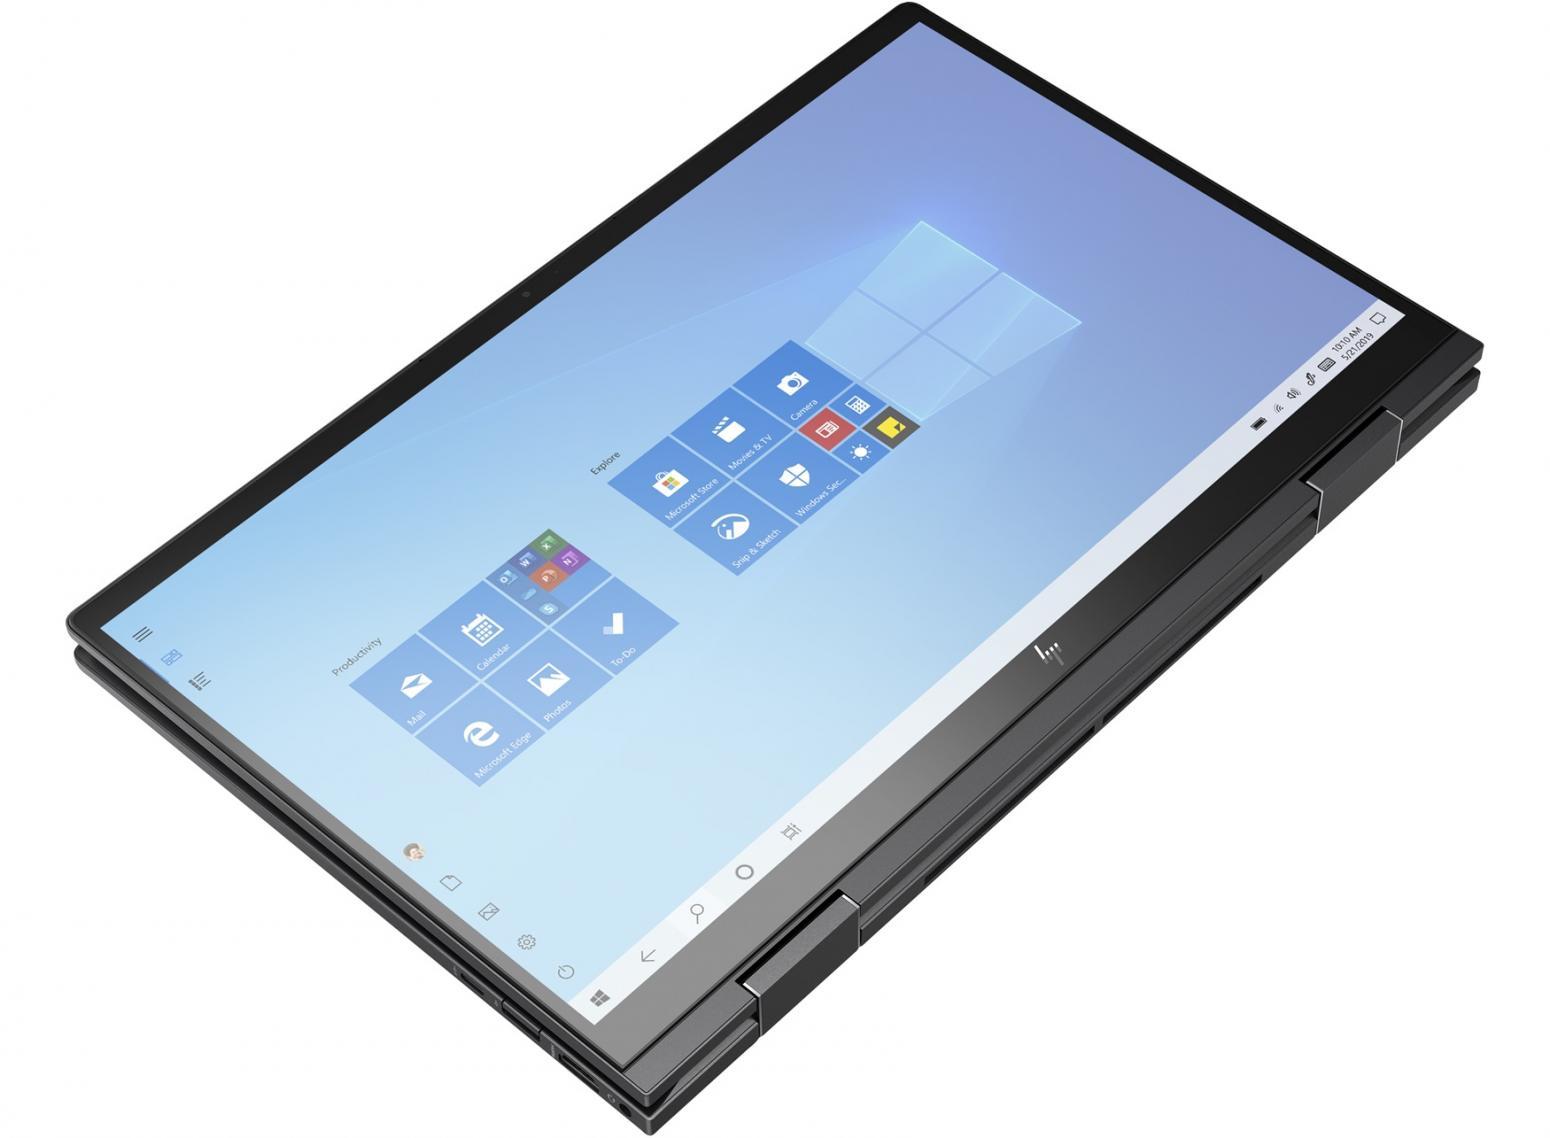 Ordinateur portable HP Envy x360 15-ee0012nf Argent - Tactile, Ryzen 5 Hexa Core - photo 3